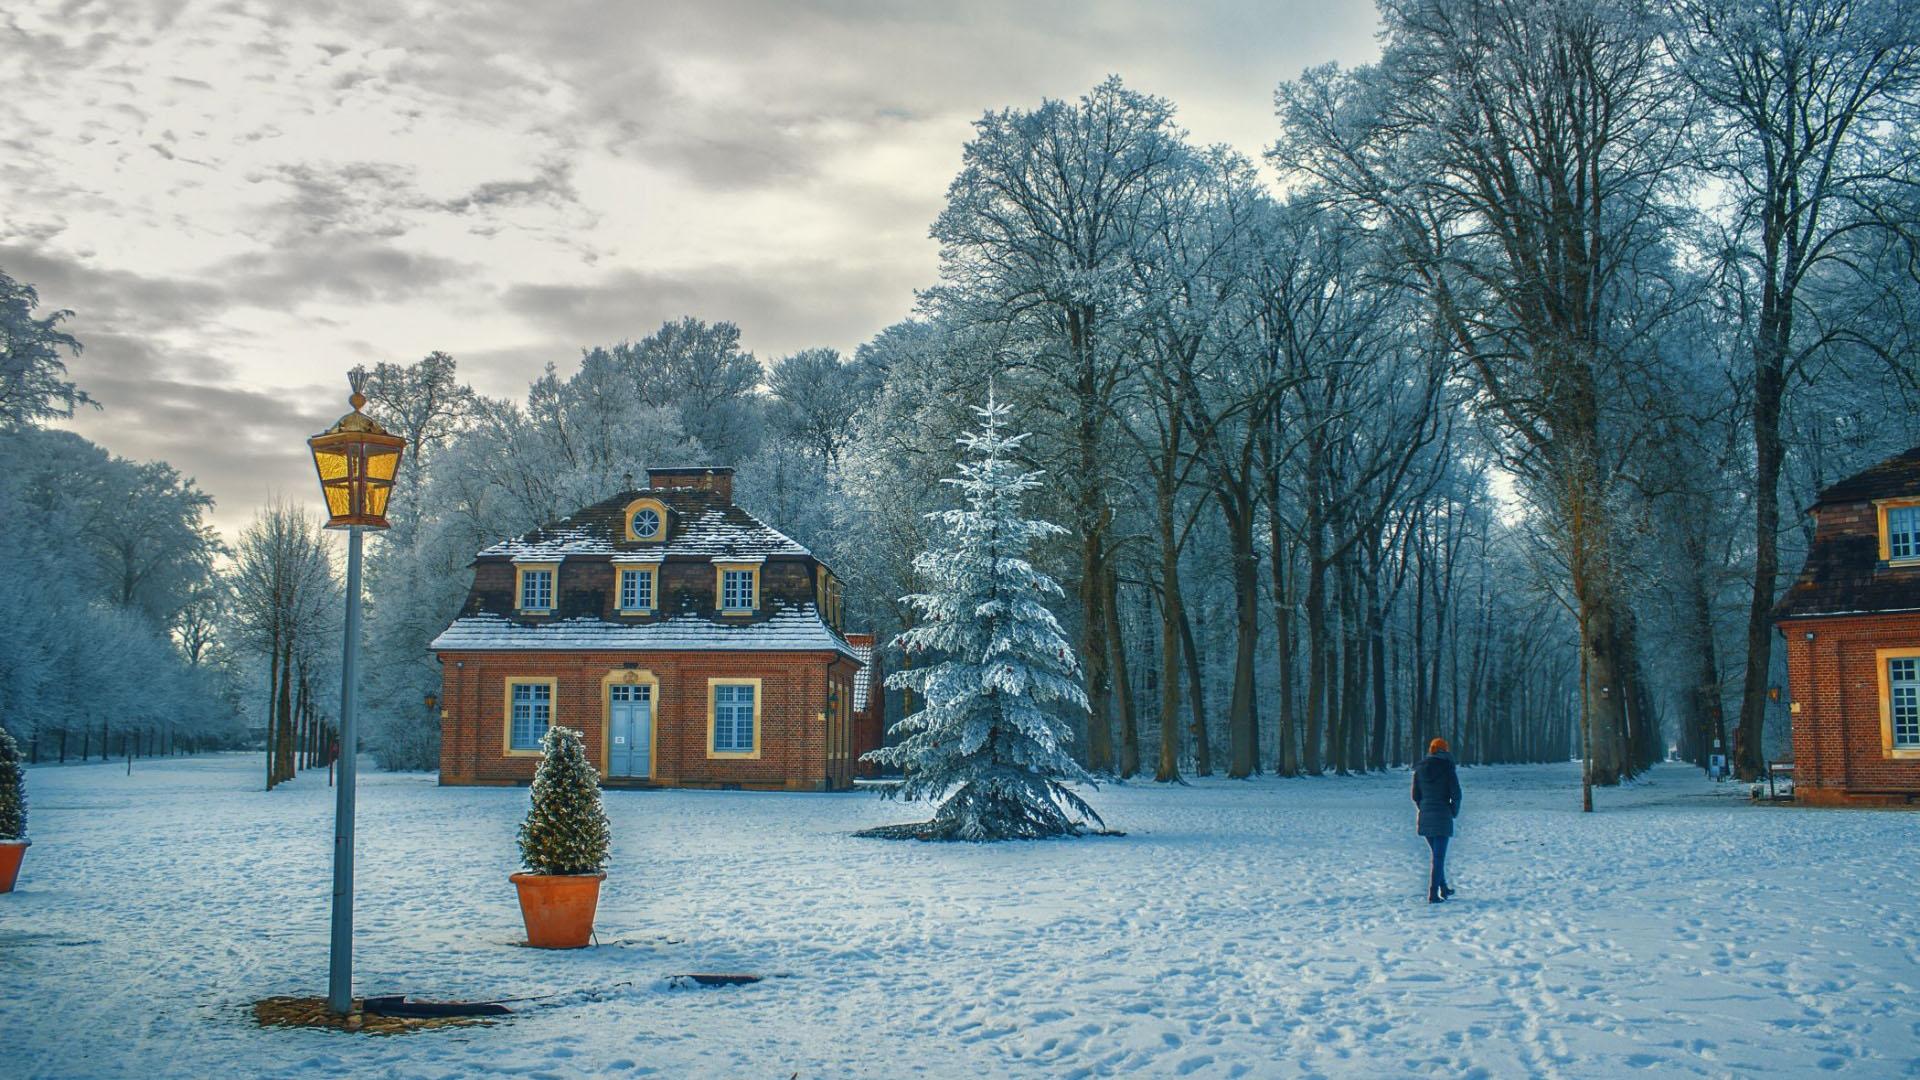 Hình nền ngôi nhà mùa đông